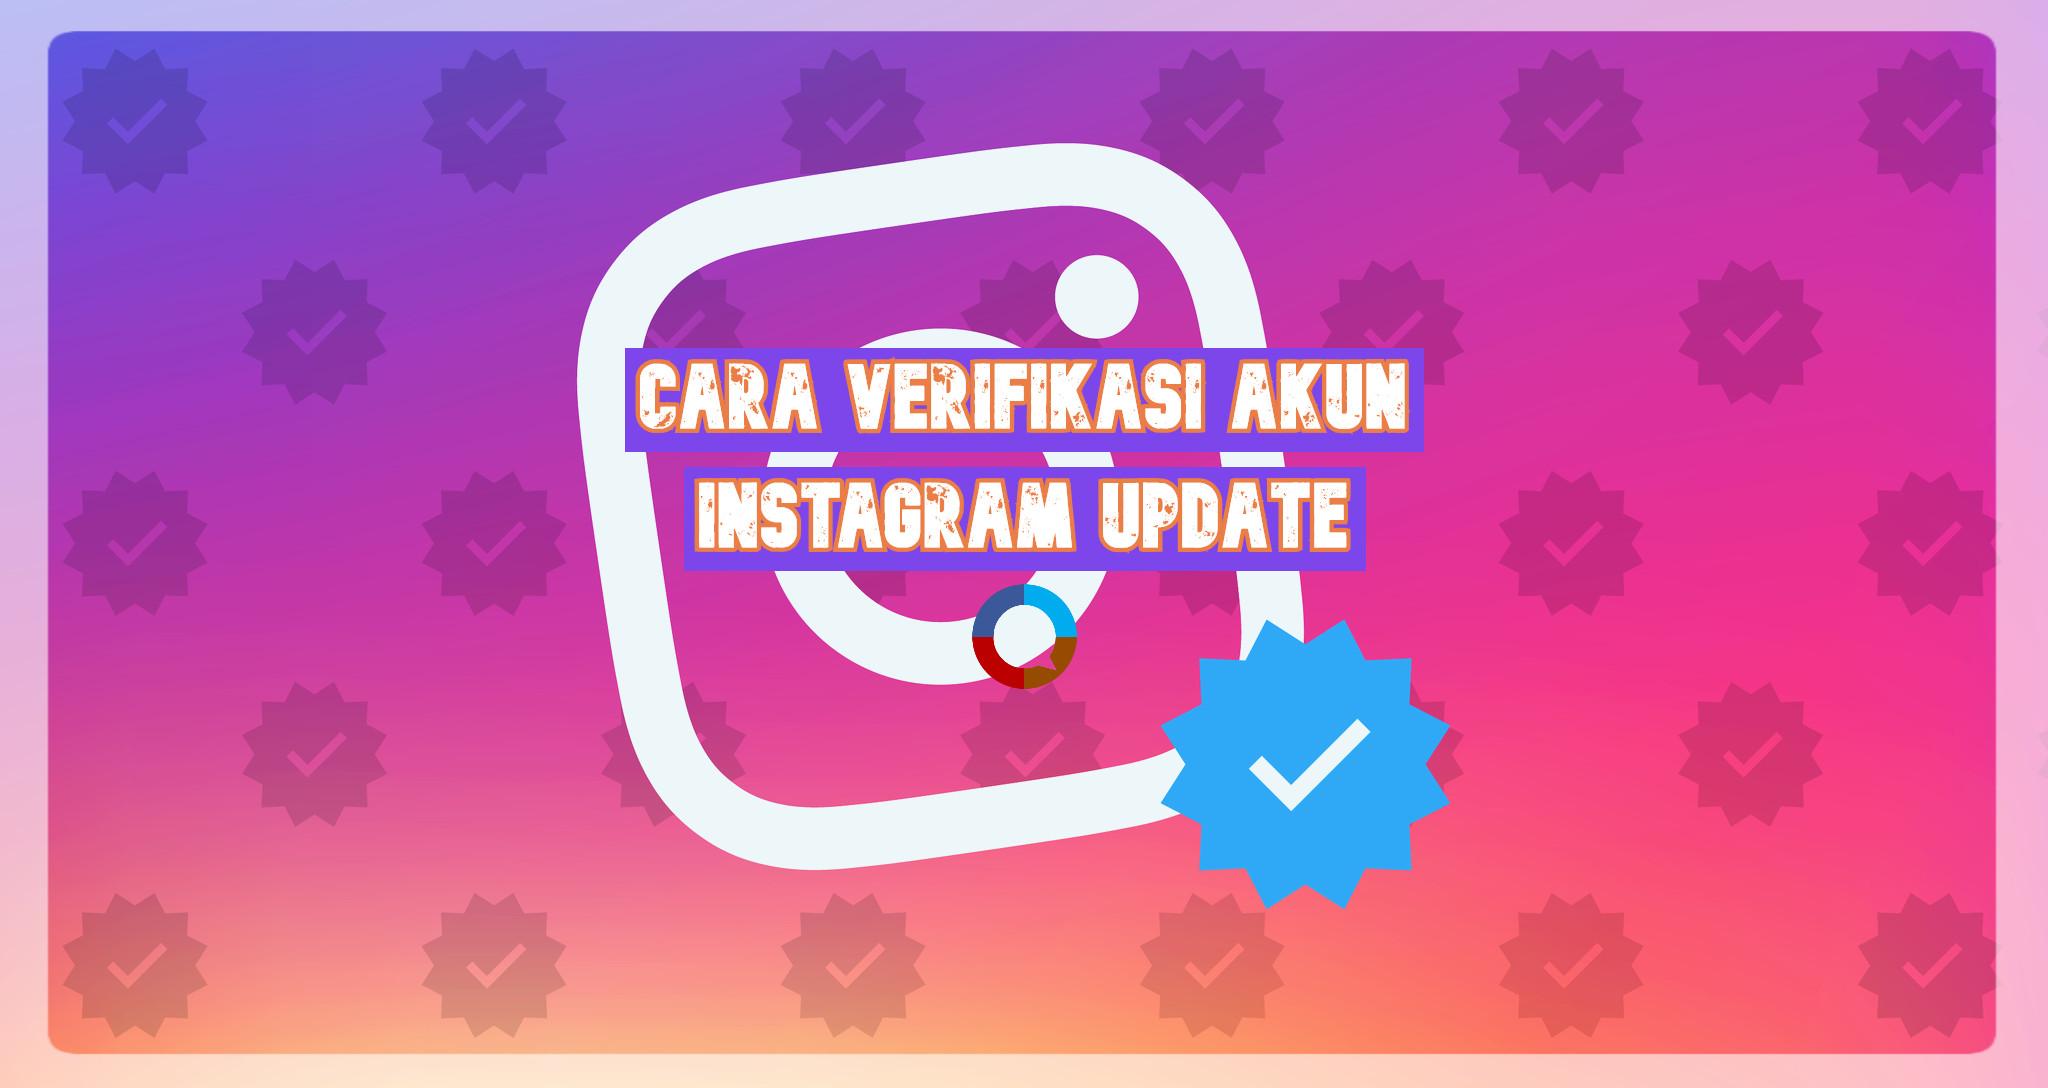 Cara Verifikasi Akun Instagram Update